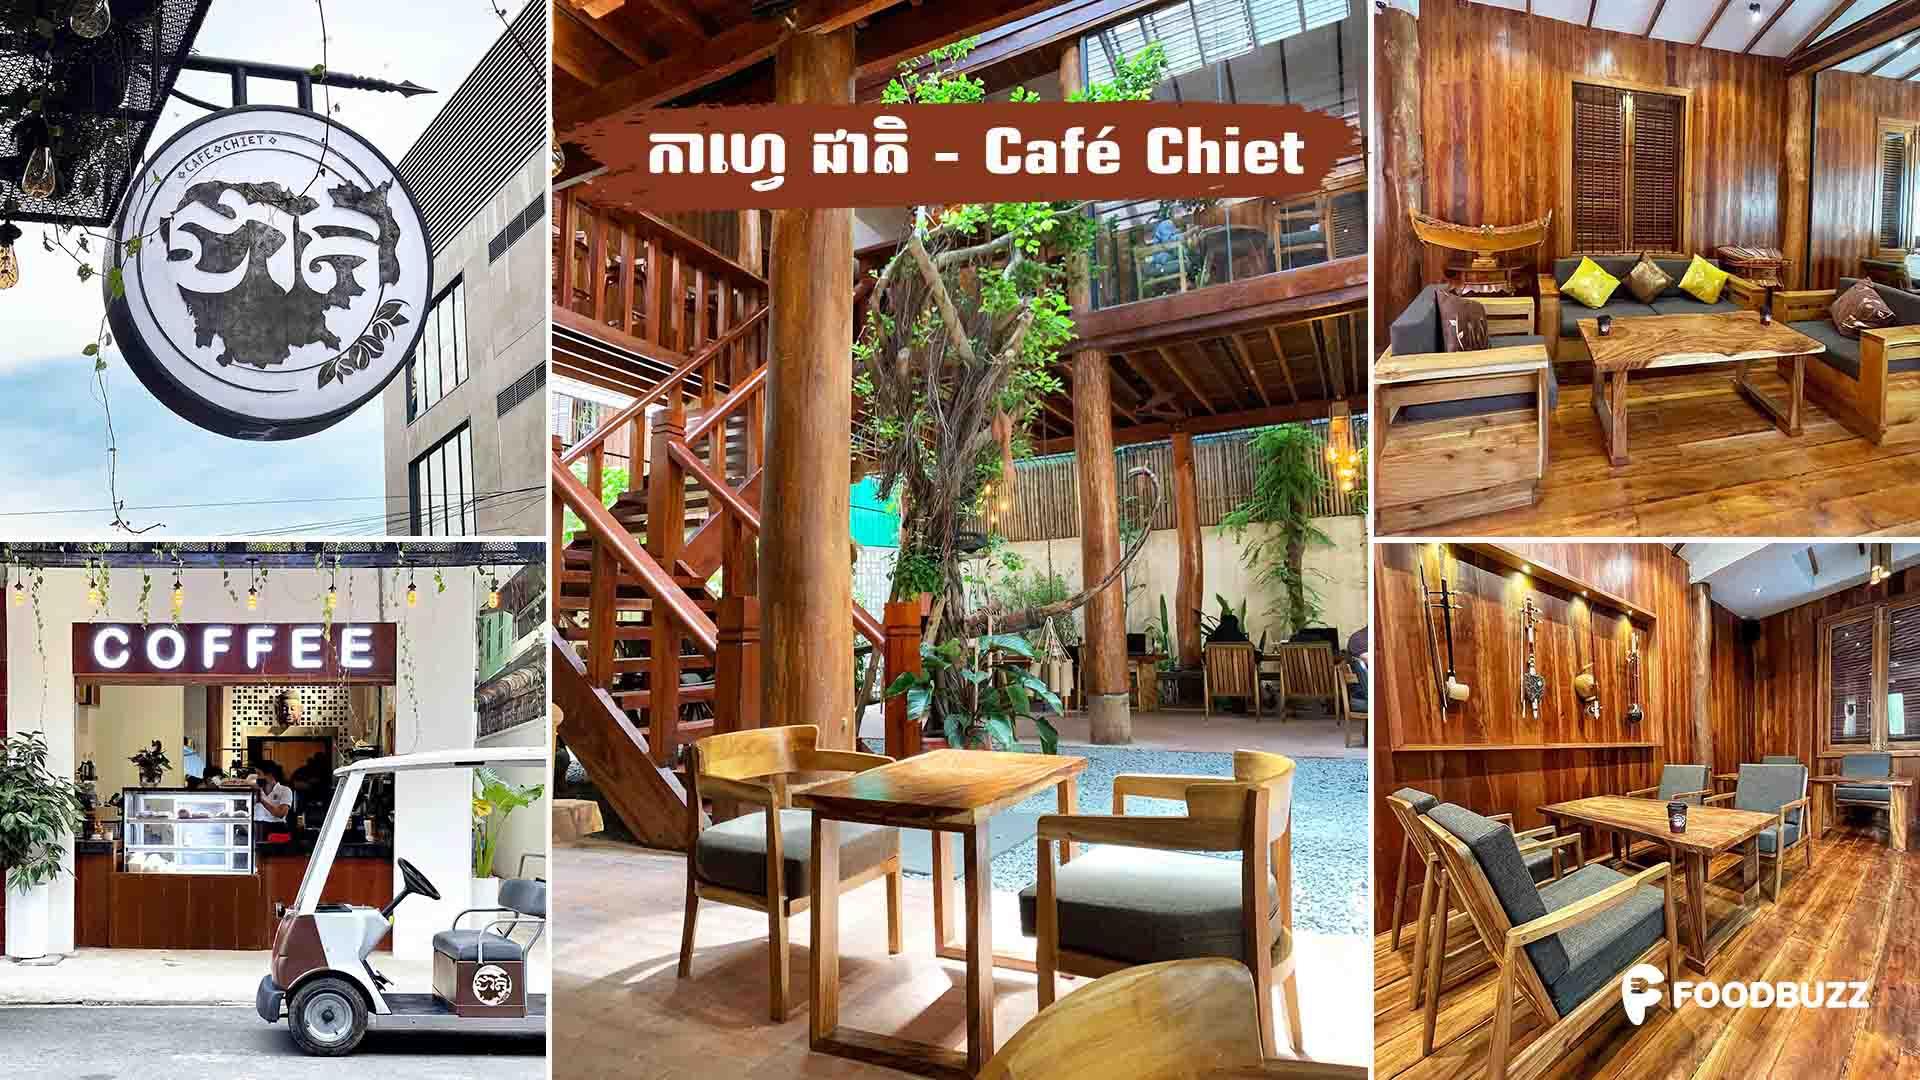 កាហ្វេជាតិ - Café Chiet ៖ នាំអារម្មណ៍អ្នកនិយមកាហ្វេទៅកាន់សម័យខ្មែរបុរាណ ជាមួយរសជាតិកាហ្វេ និងអាហារ ដ៏ឈ្ងុយឆ្ងាញ់